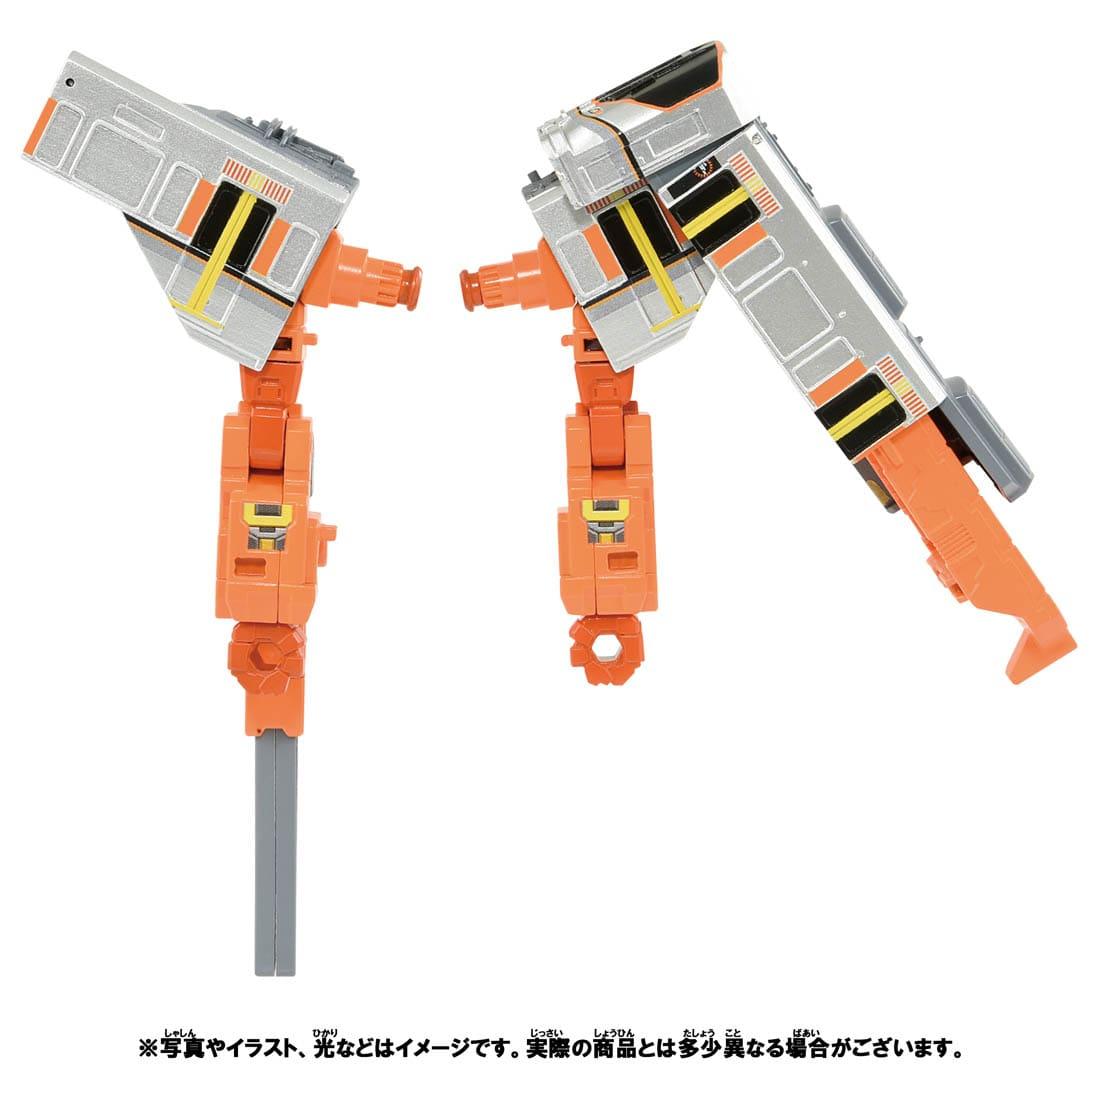 新幹線変形ロボ シンカリオンZ『シンカリオンZ 500オオサカカンジョウセット』可変合体プラレール-008